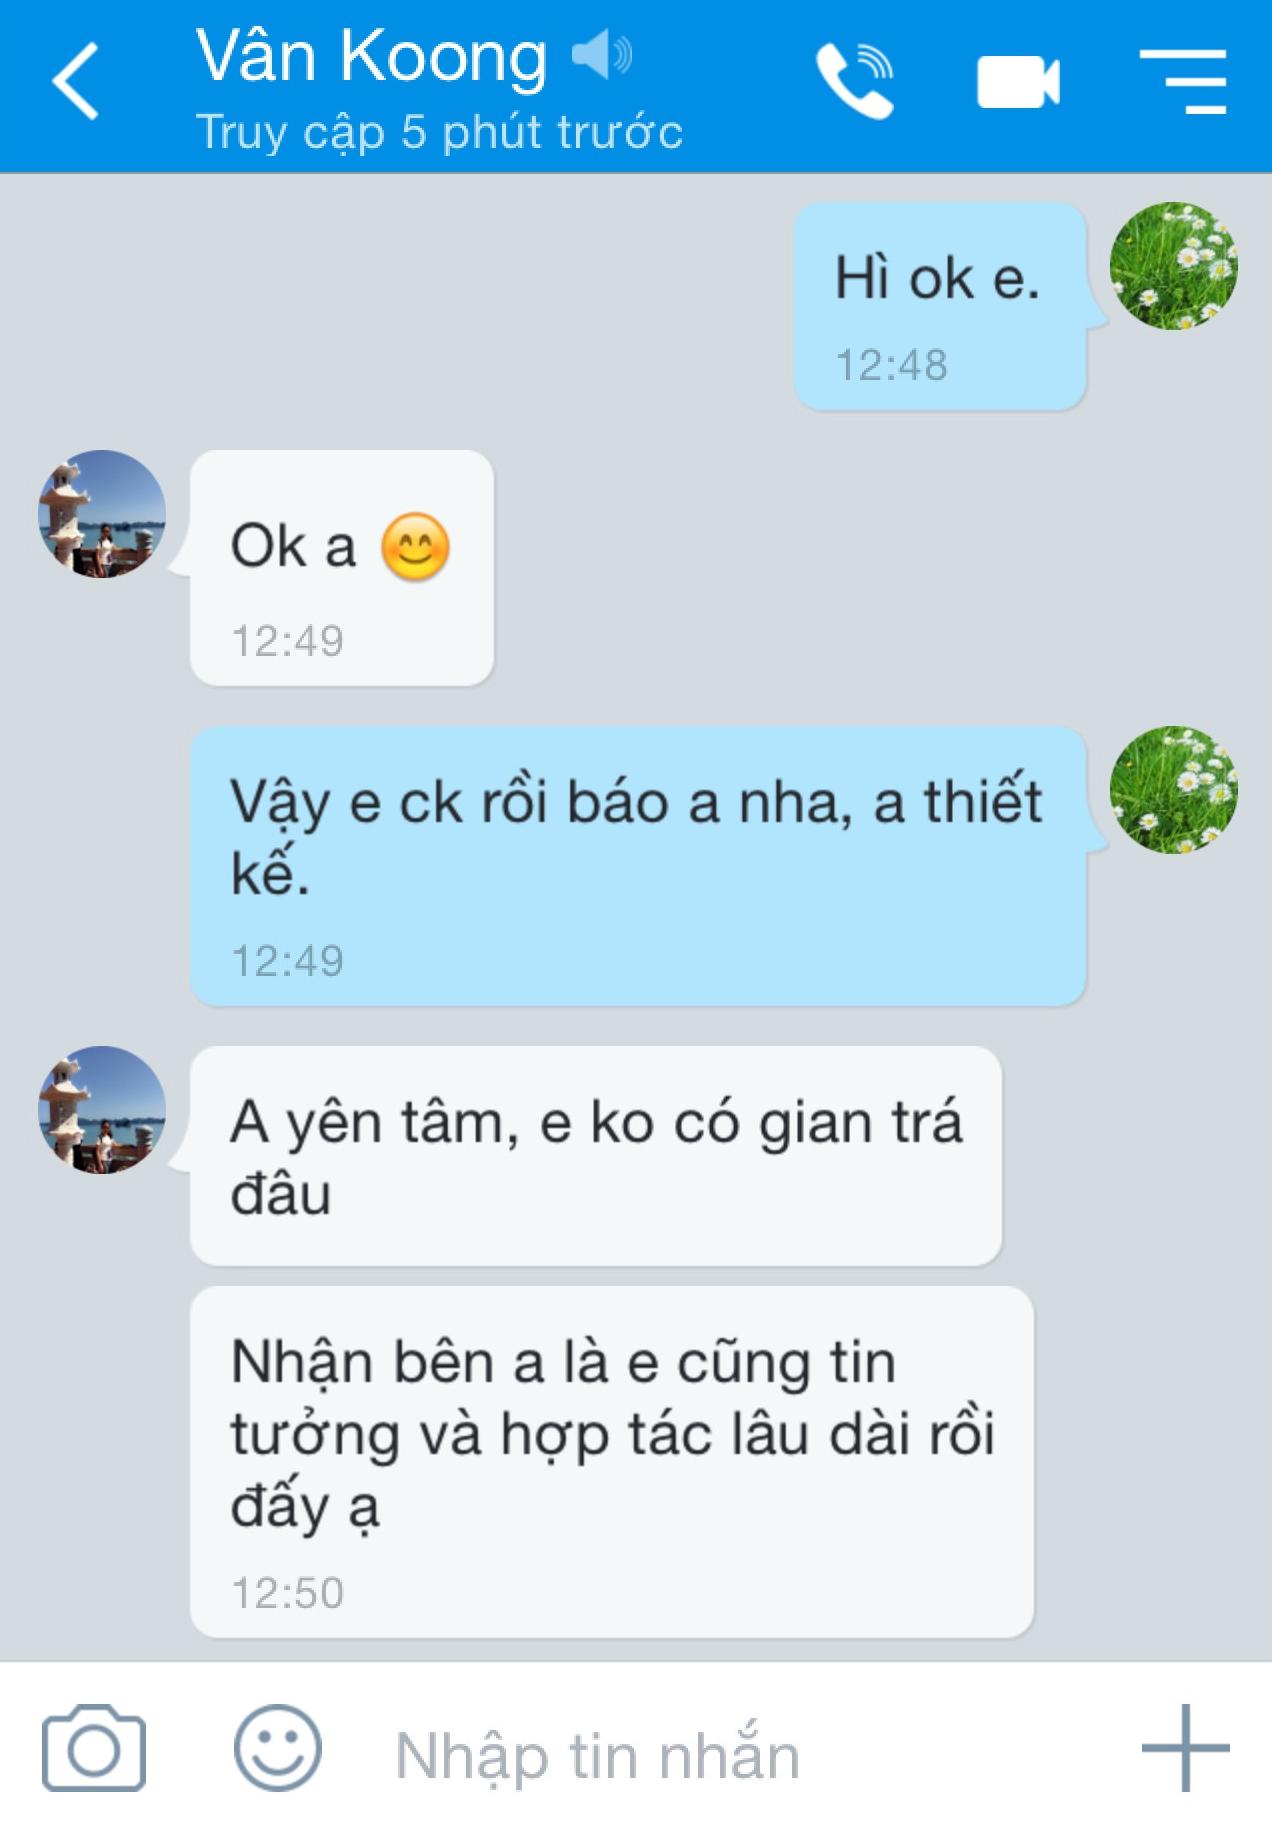 nhan-xet-van-koong